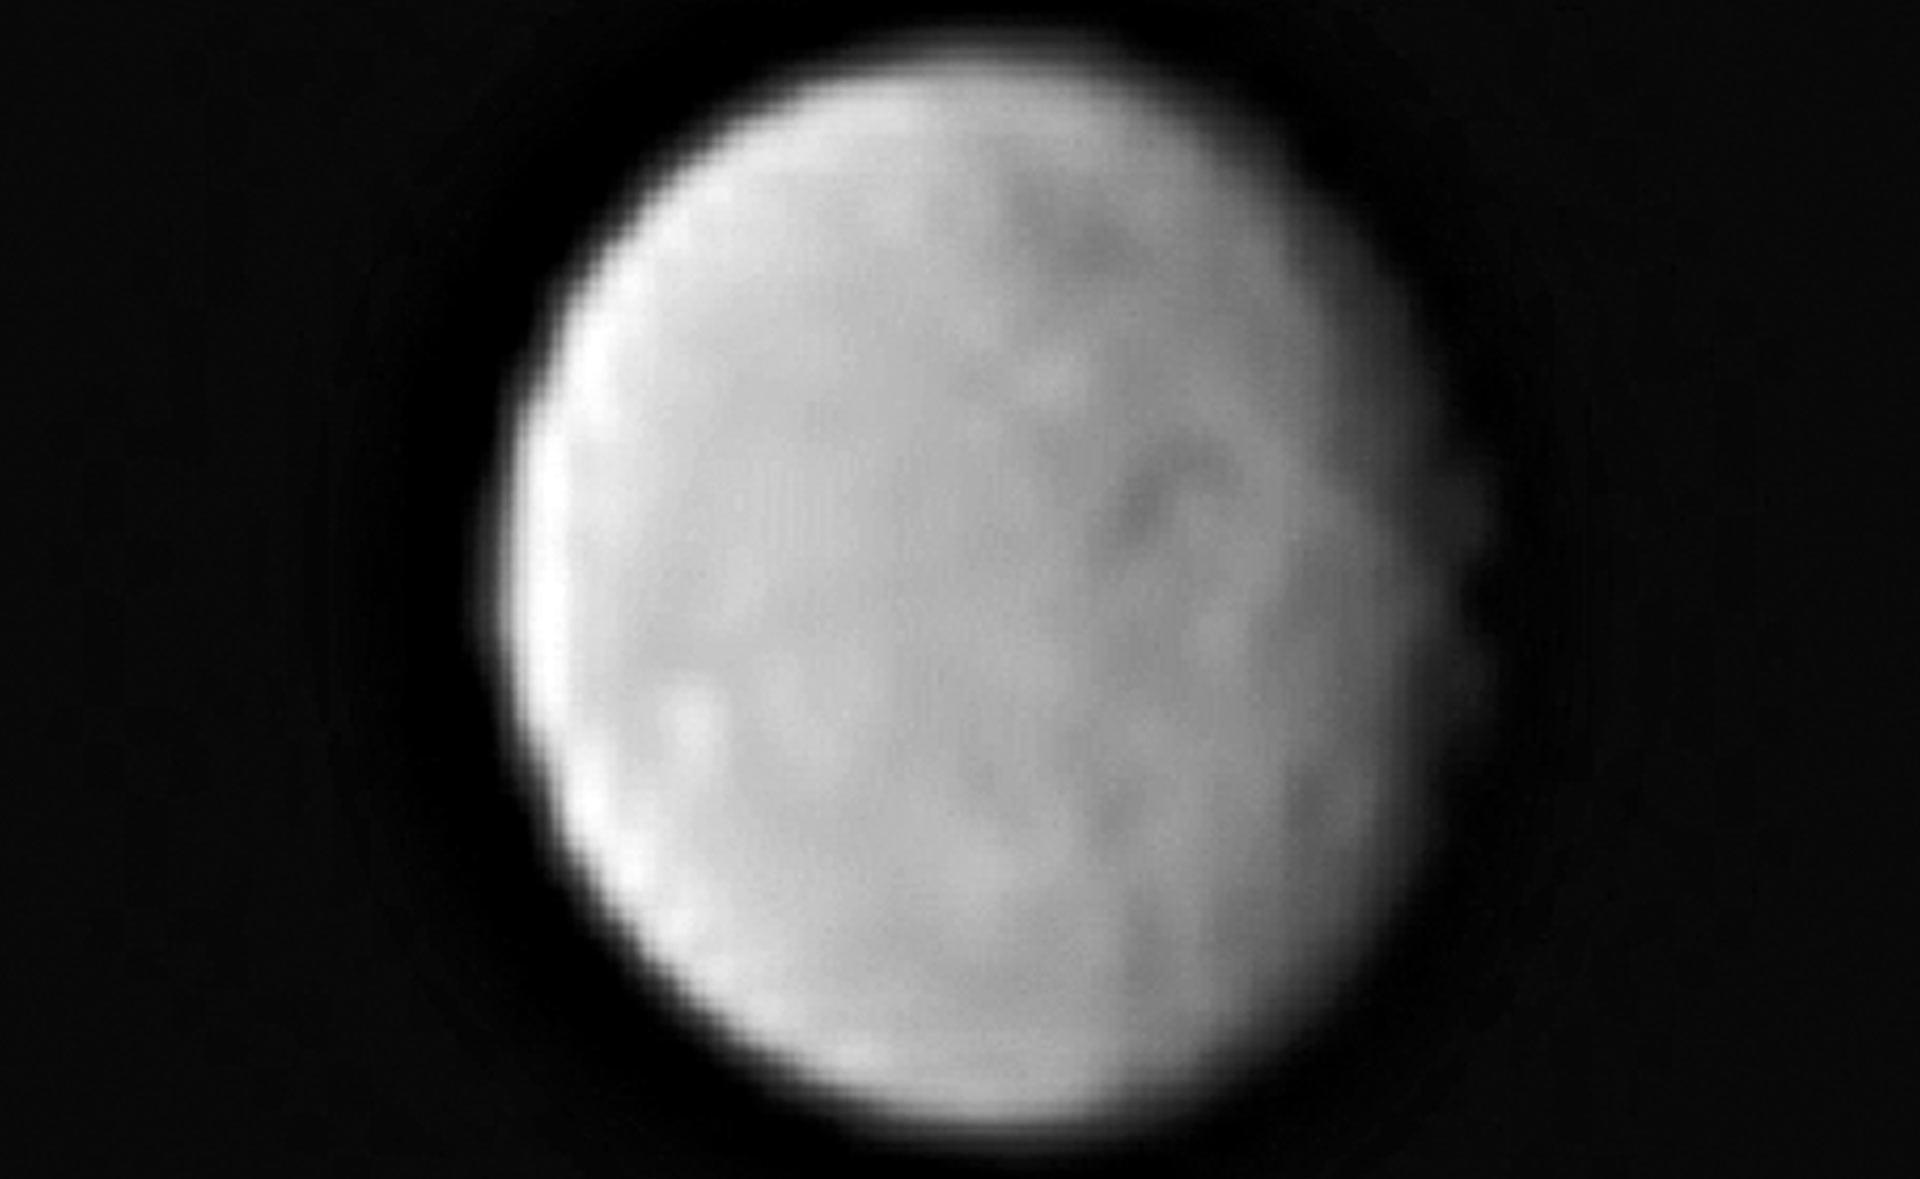 تصویری از سیاره کوتوله سرس که فضاپیمای سپیده دم از فاصله ی 383 هزار کیلومتری آن ثبت کرده است.